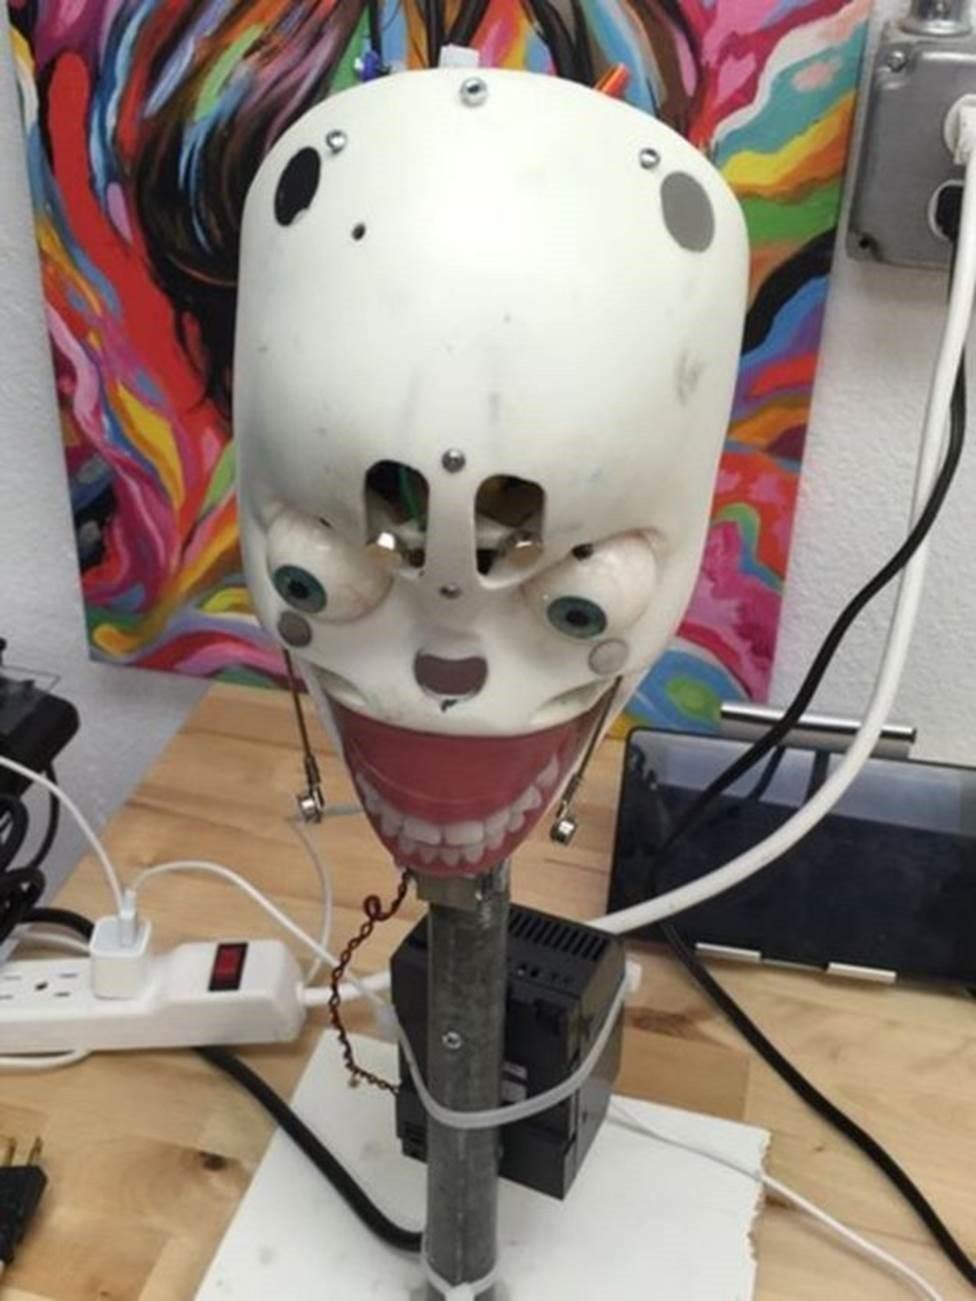 Projeto de boneca com inteligência artificial está sendo desenvolvido na Real Dolls (Foto: BBC Mundo)